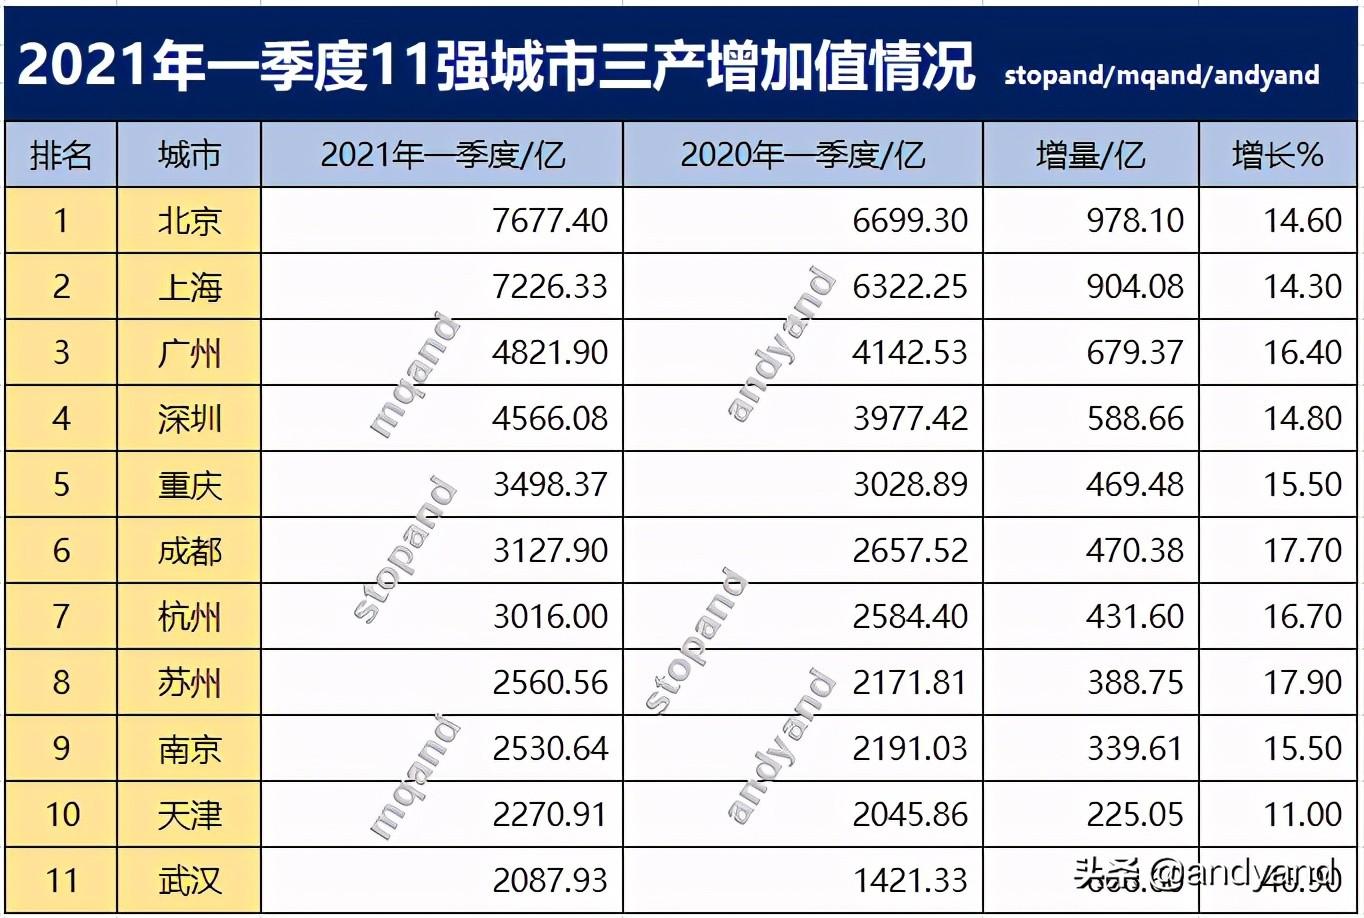 深圳与广州差距扩大,北京排第一,一季度11强城市三产增加值情况